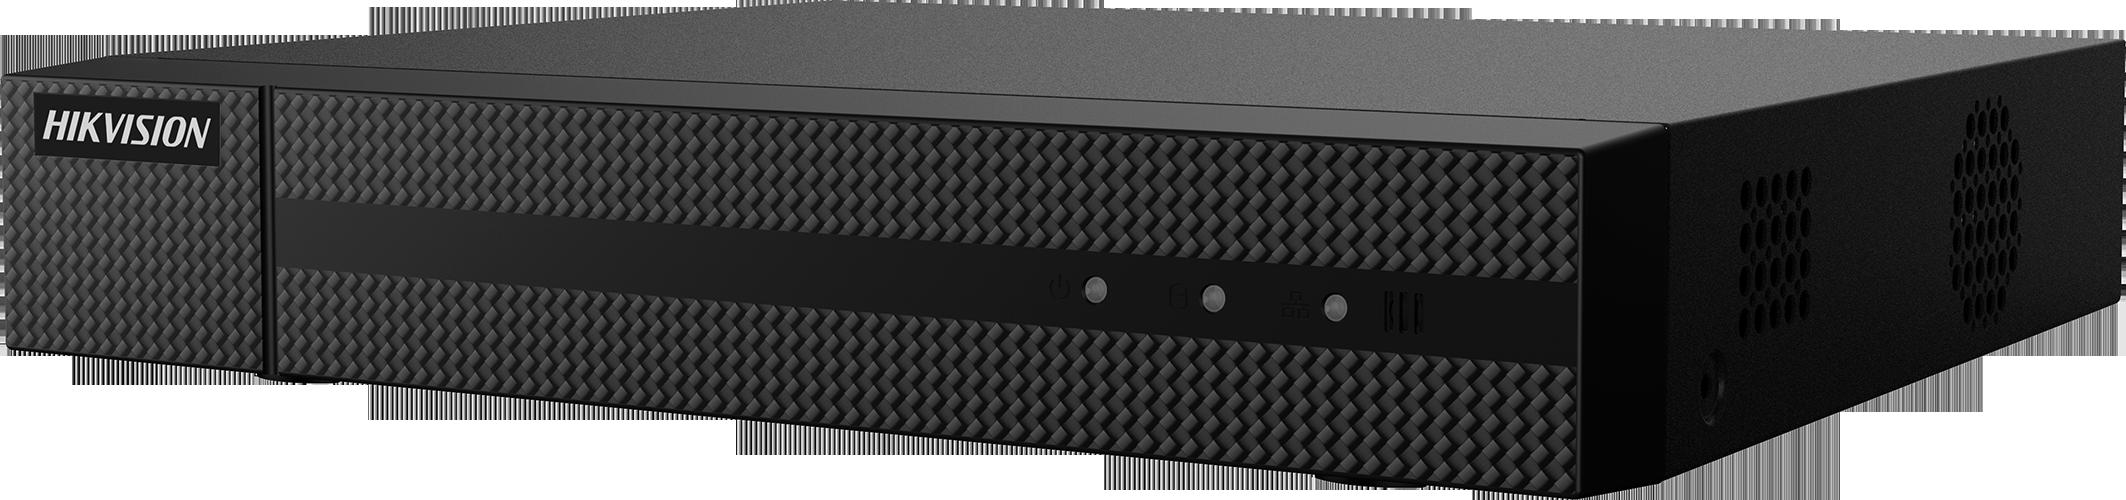 HWD-5104M